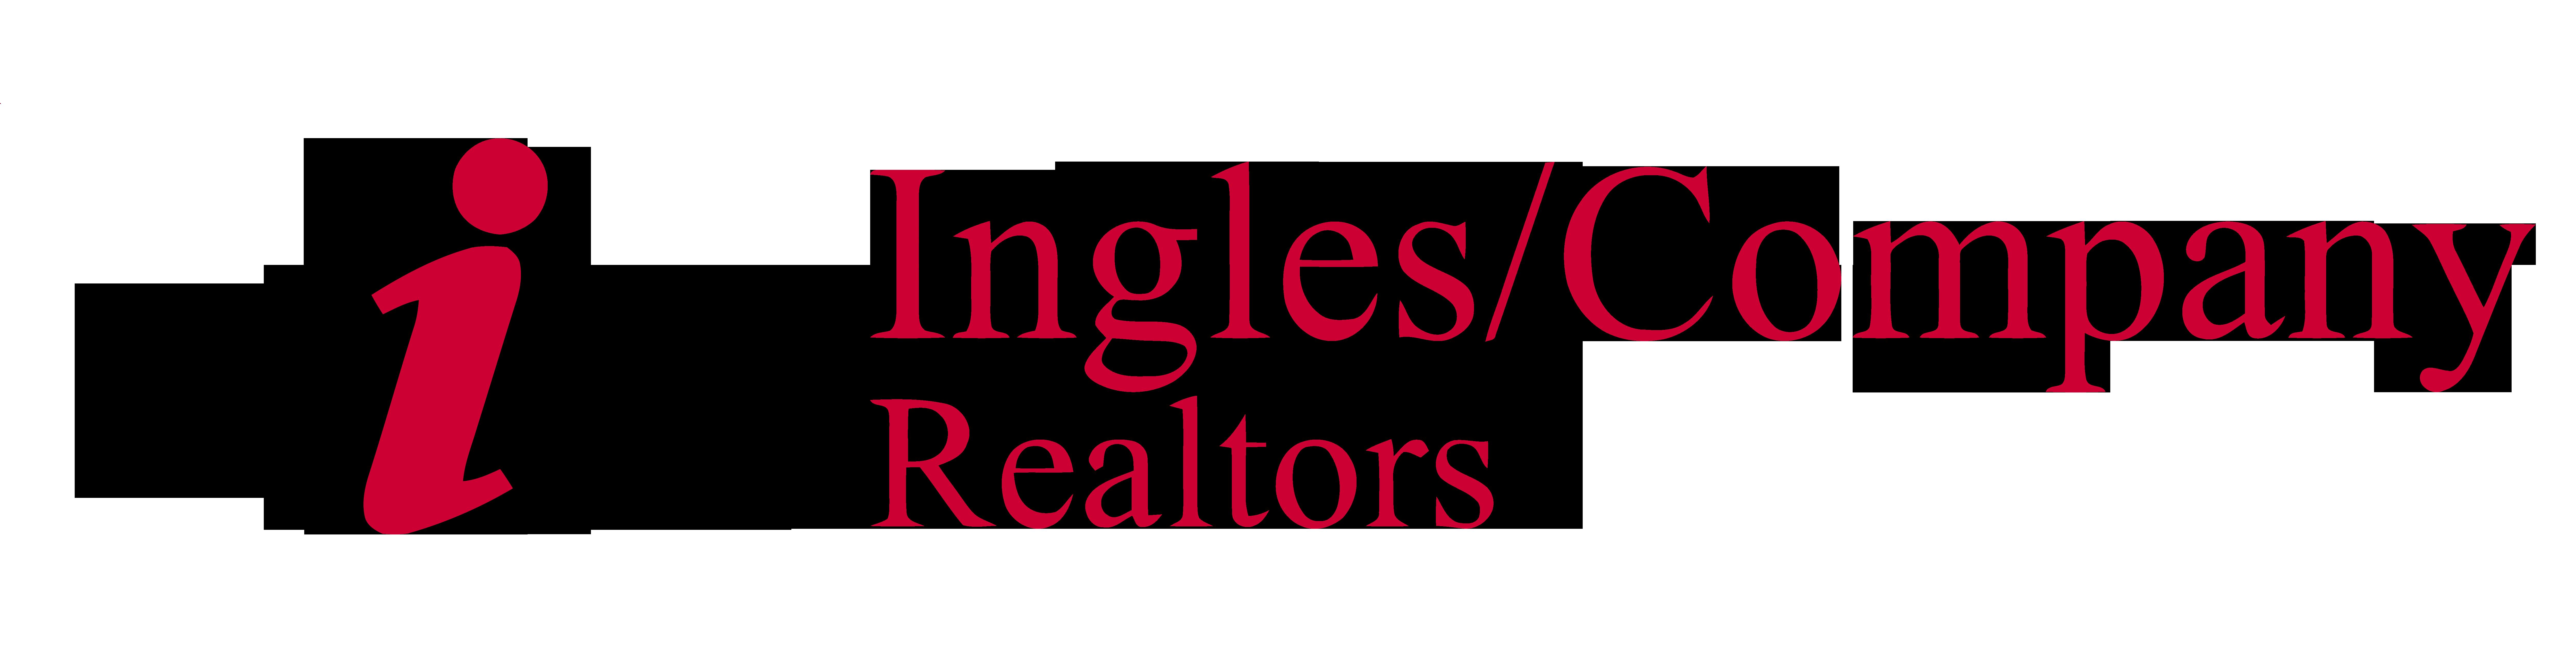 The Ingles/Company Realtors